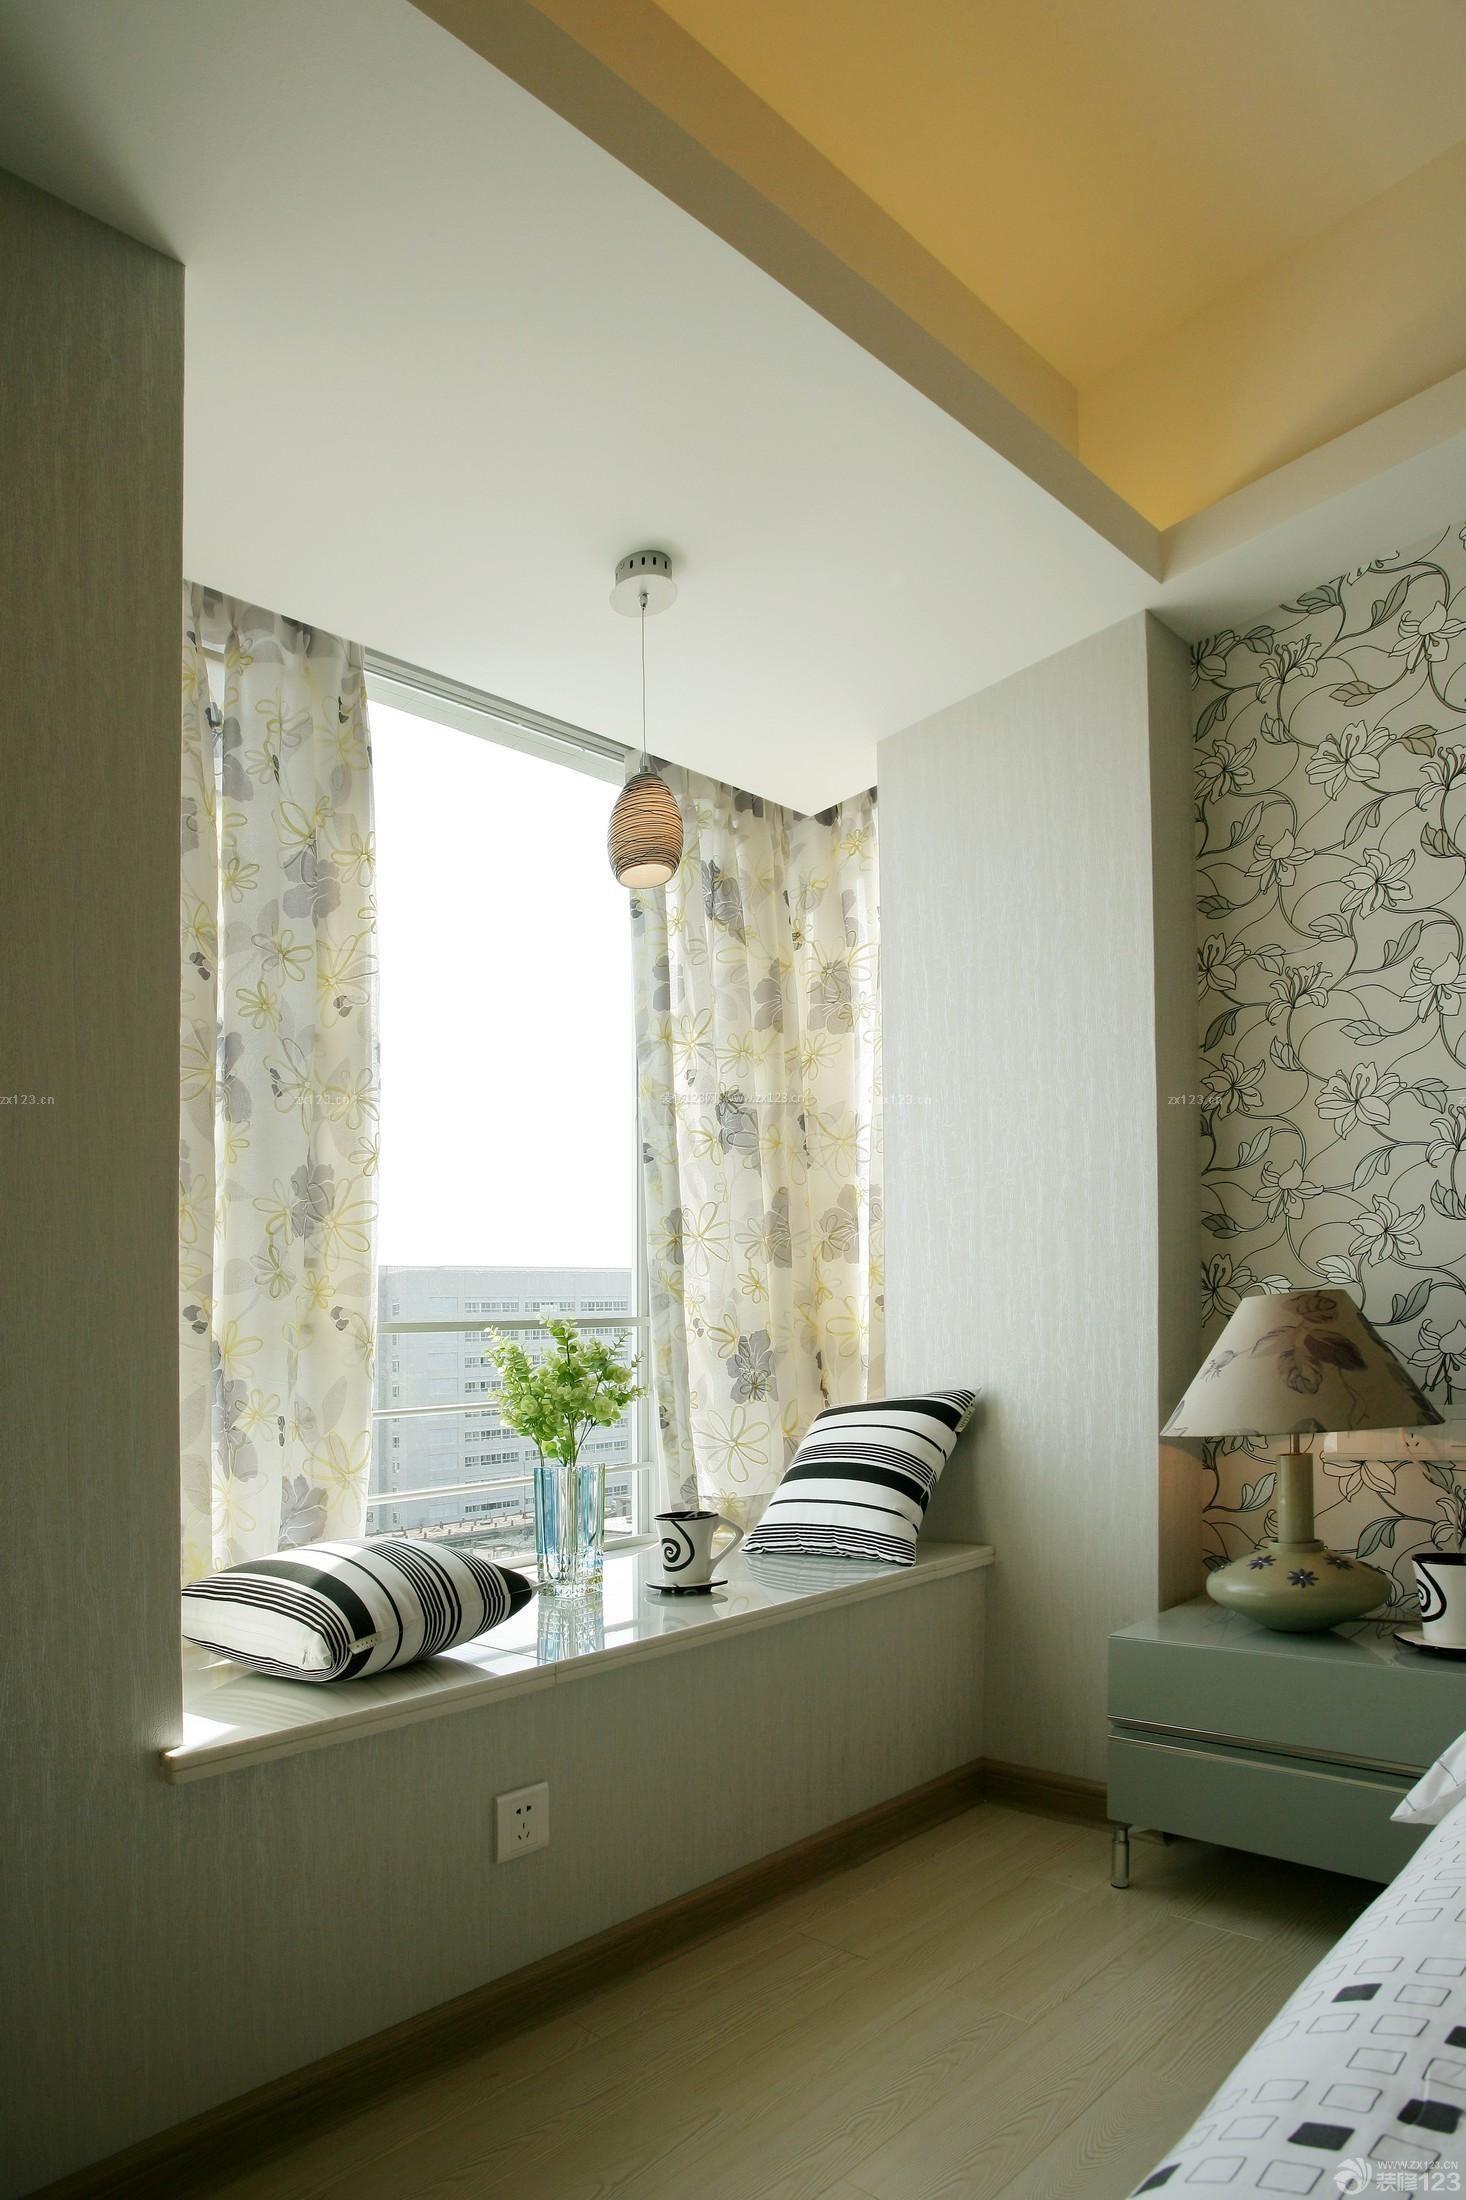 小户型卧室飘窗利用图片